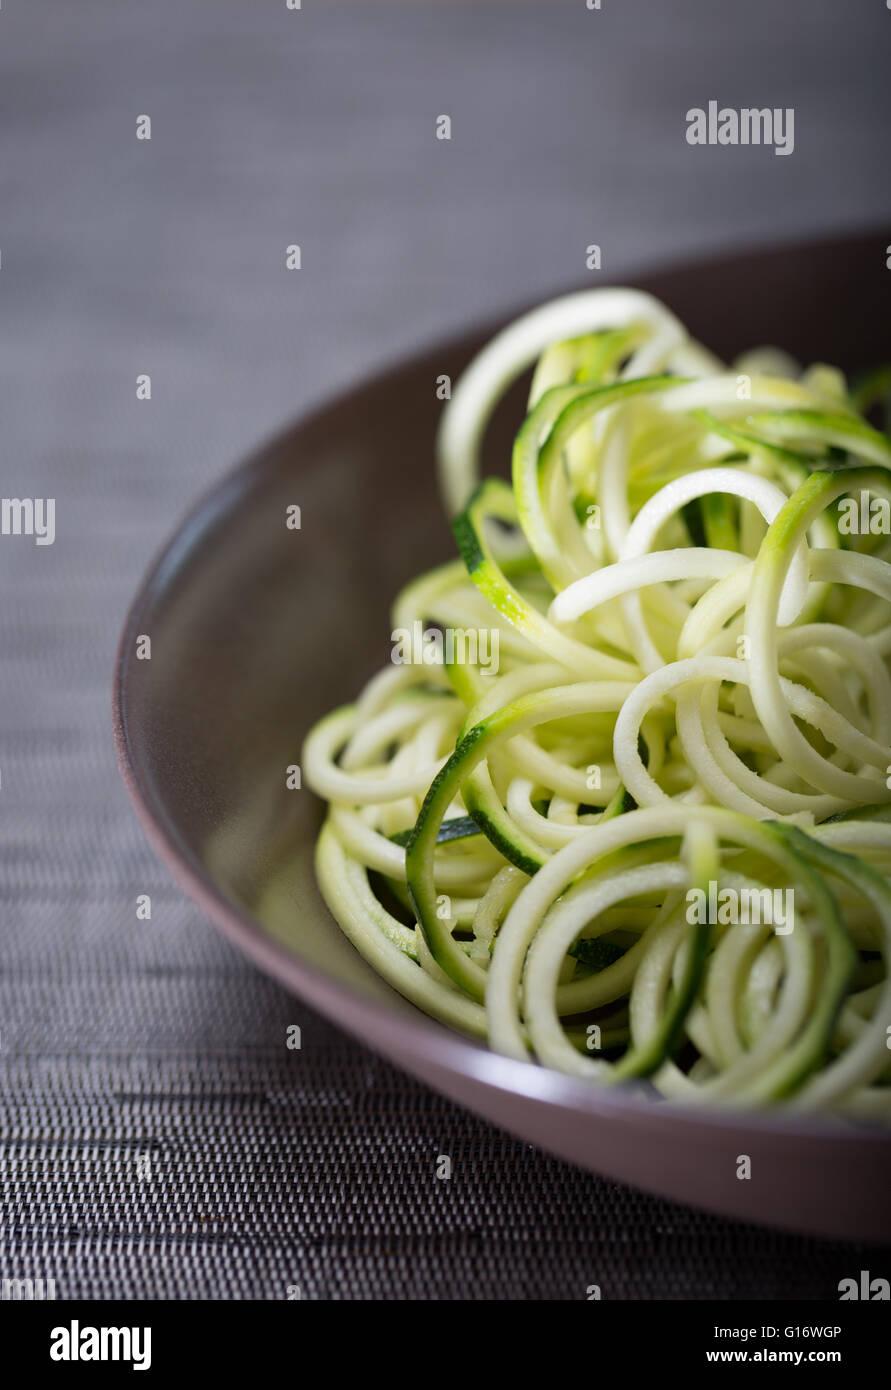 Un bol de courgette (zucchini) Nouilles (spaghetti) effectués à l'aide d'un spiralizer Photo Stock